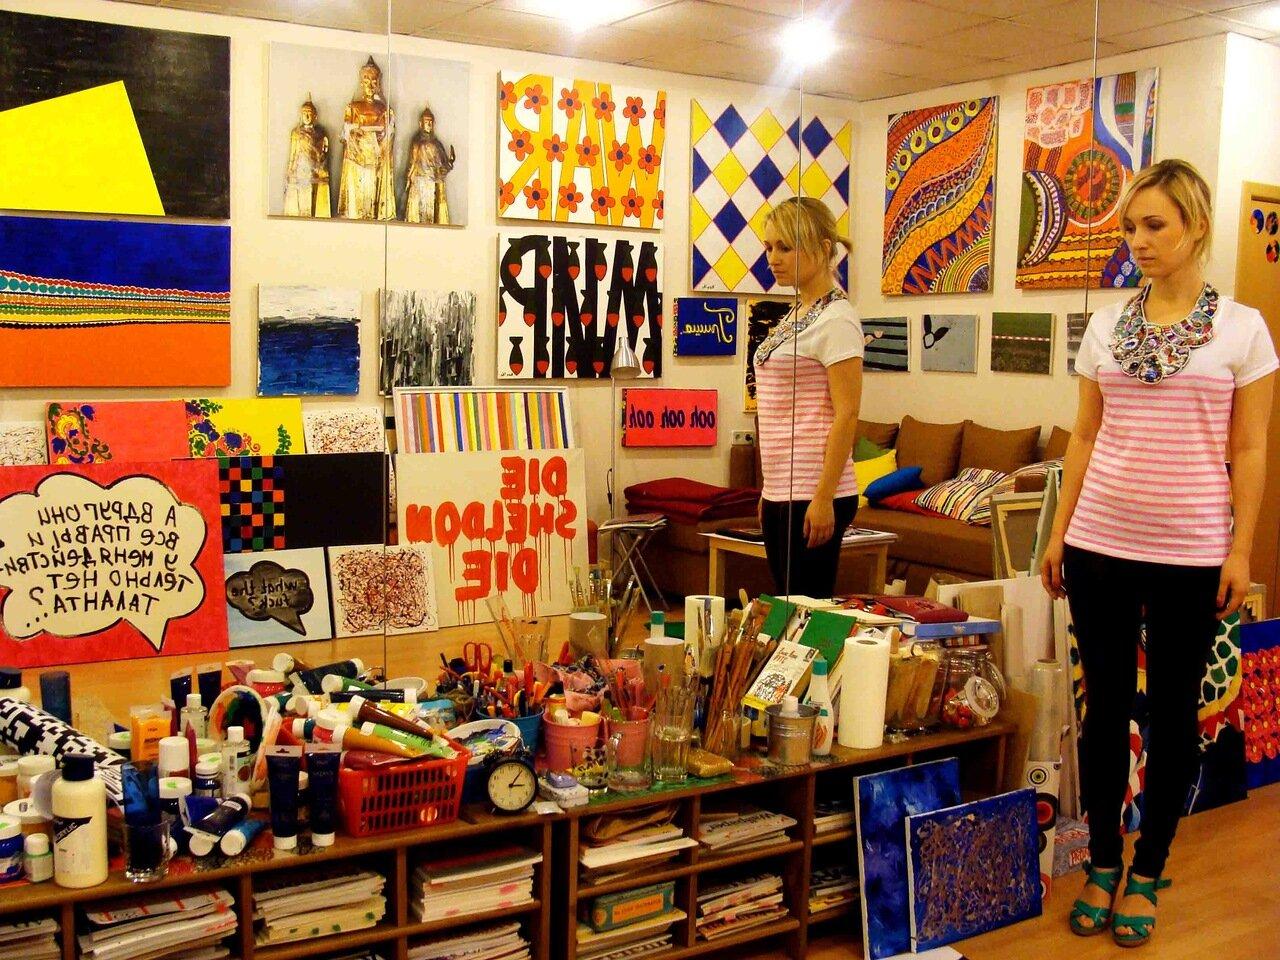 мои2м, artpromote, интернет-магазин стульев, конкурс, мои2м.ру, интернет-магазине мебели